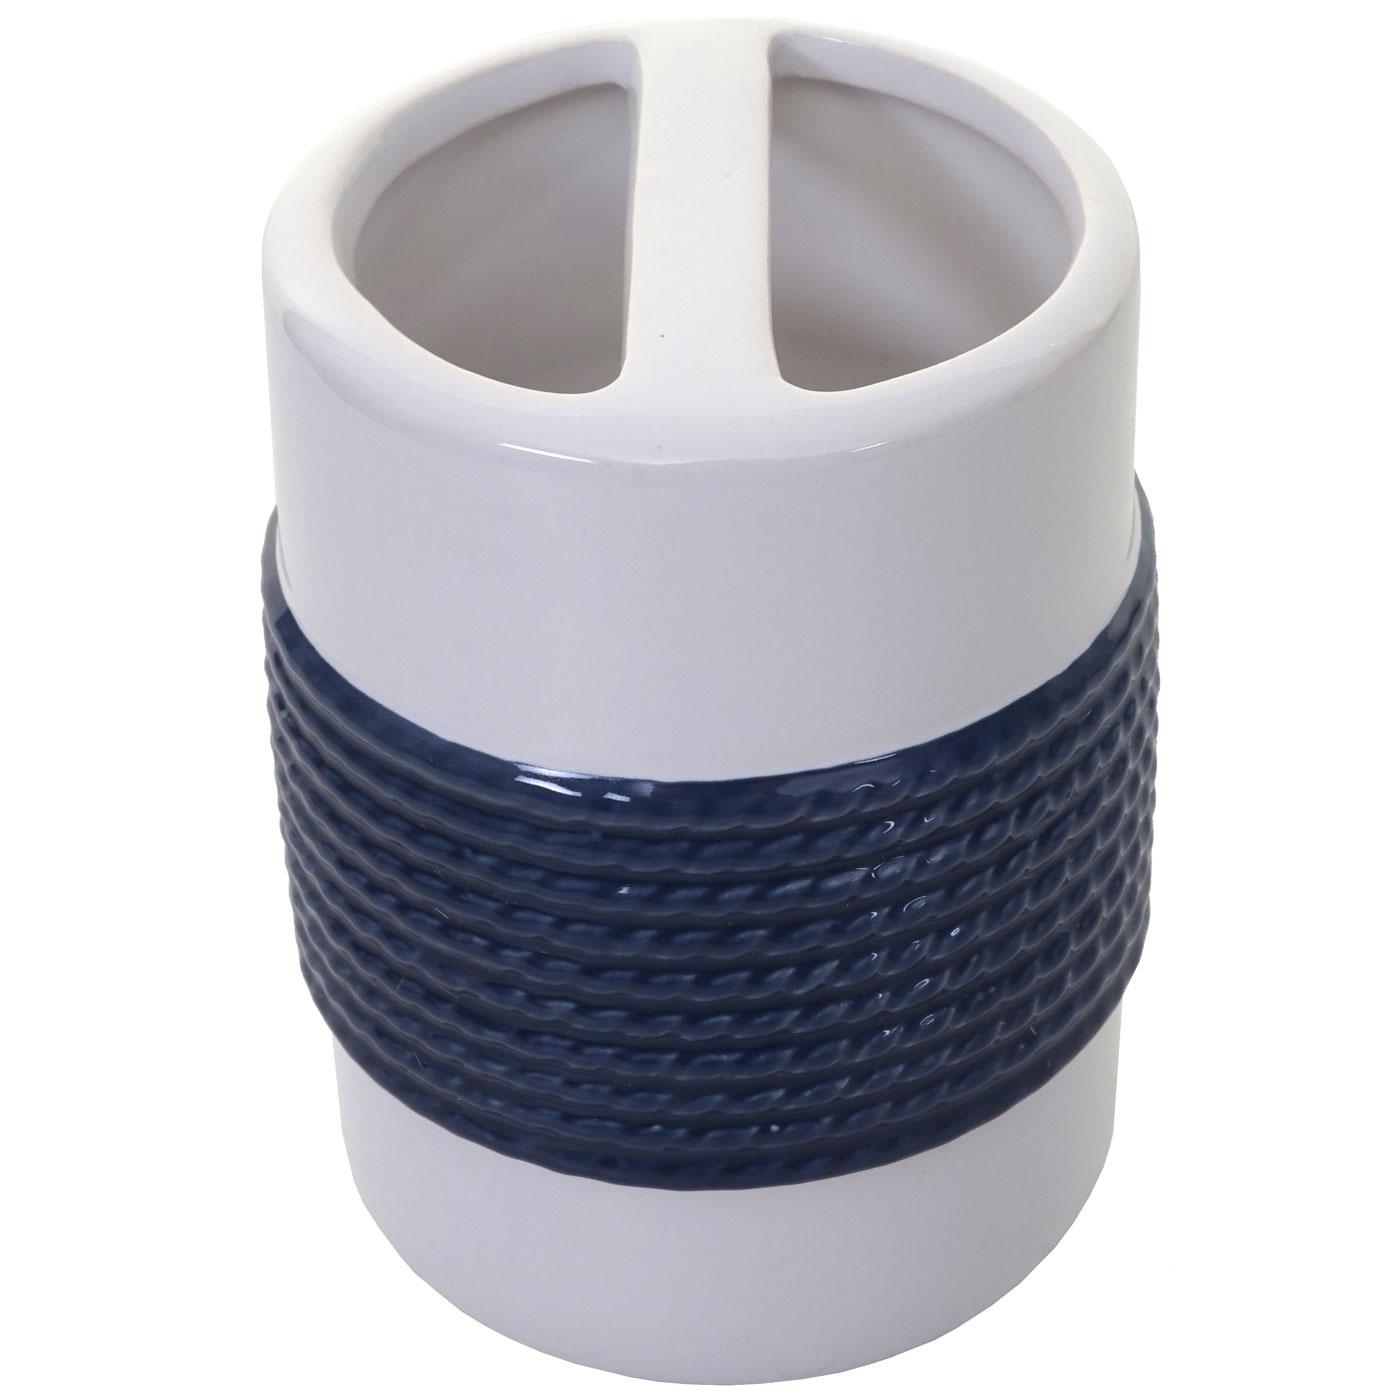 Zahnbürstenhalter HWC-C73 blau/weiss